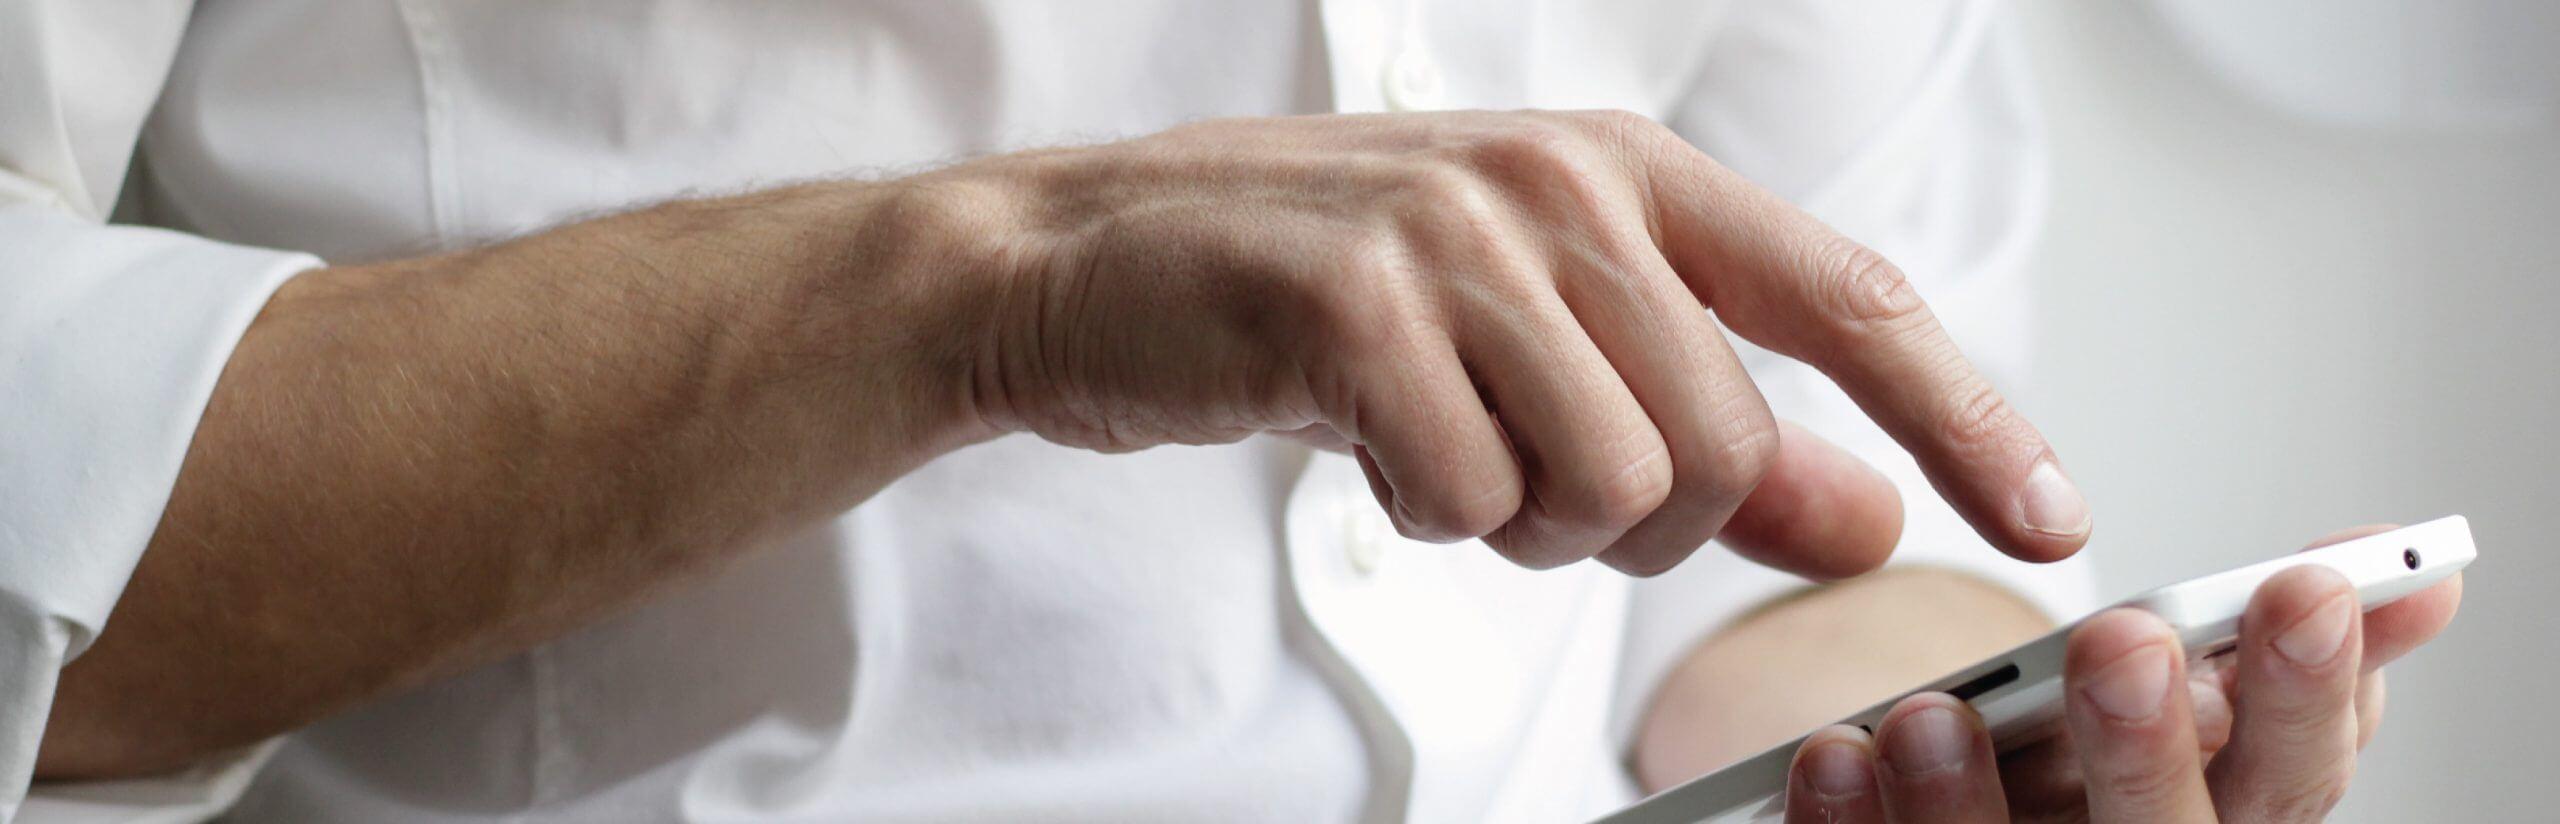 Acompanhamento de pedidos: dicas para melhorar a experiência do consumidor